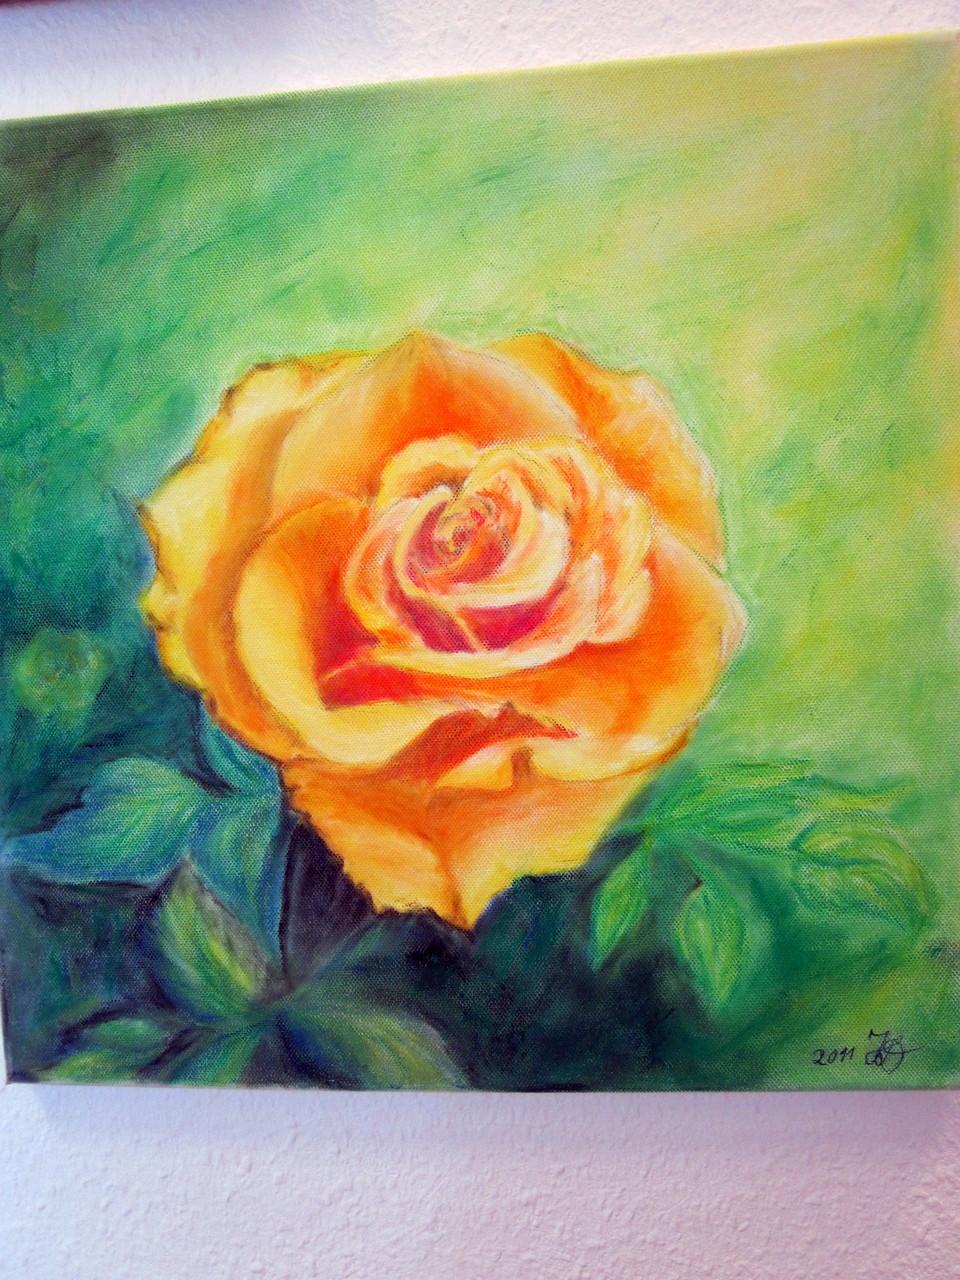 sie Rose,Pastellkreide auf Leinwand,40x40 cm, 95 €